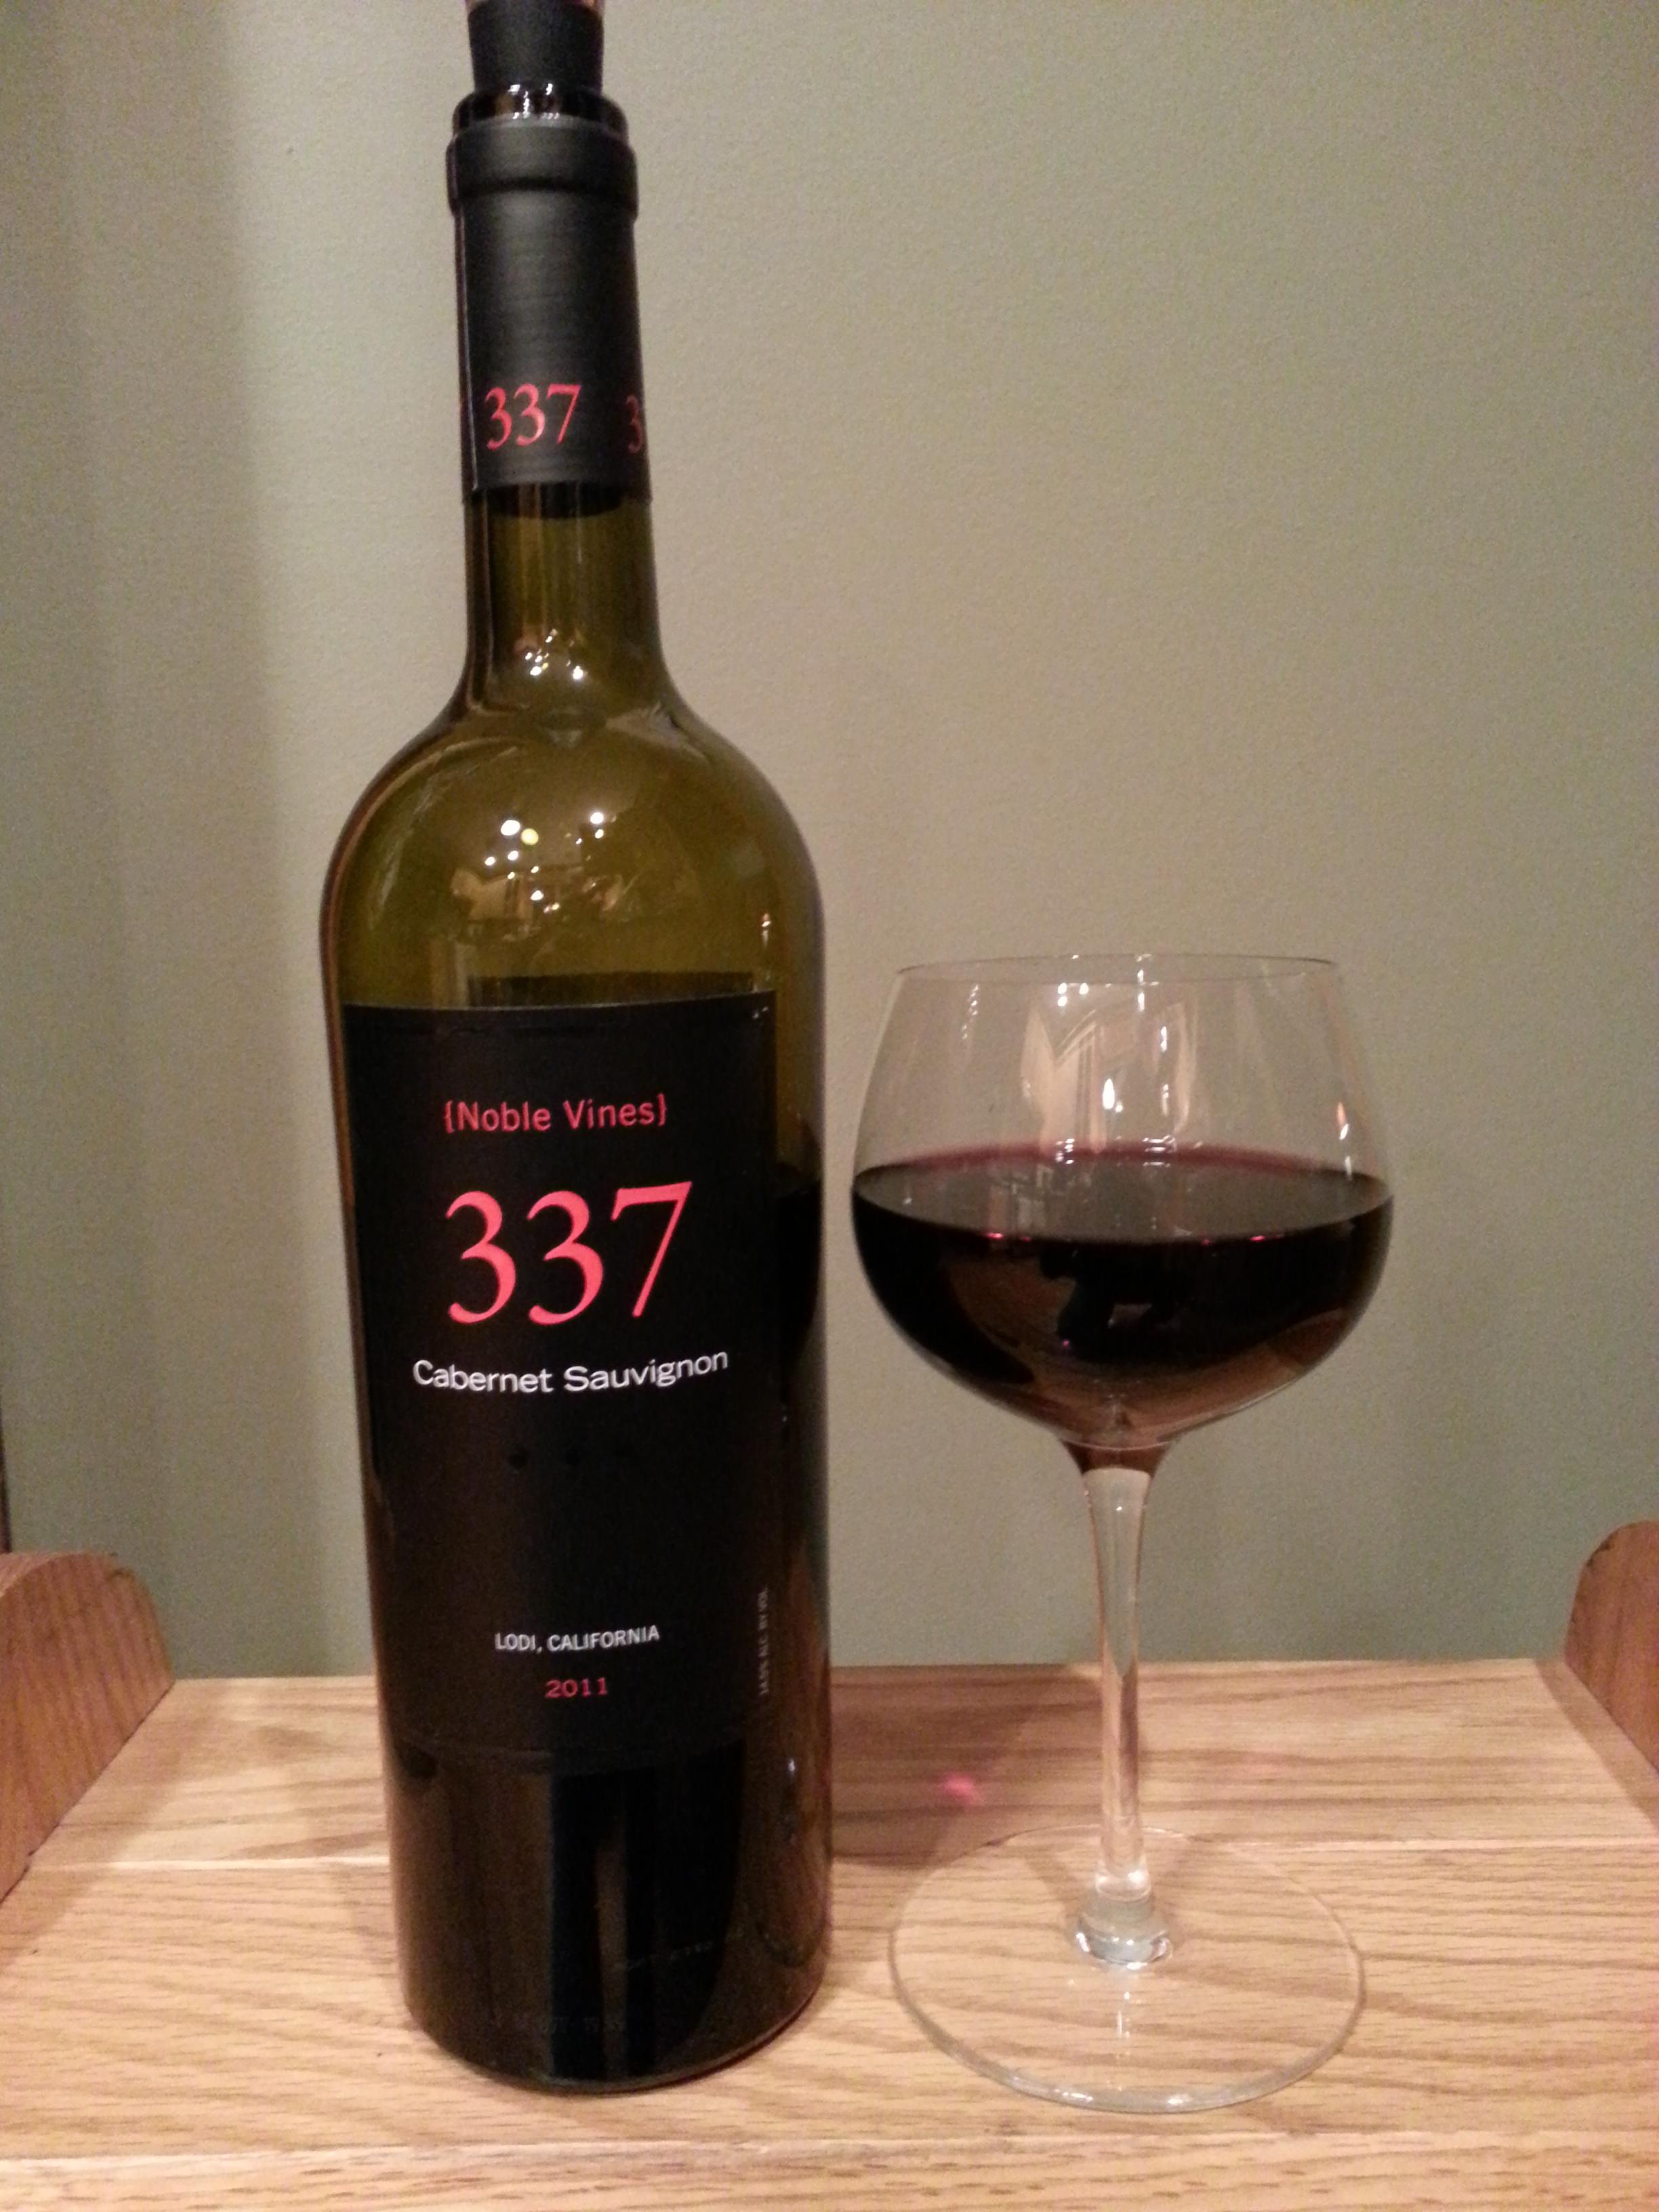 Noble Vines Cabernet Sauvignon 337 Lodi (2011)